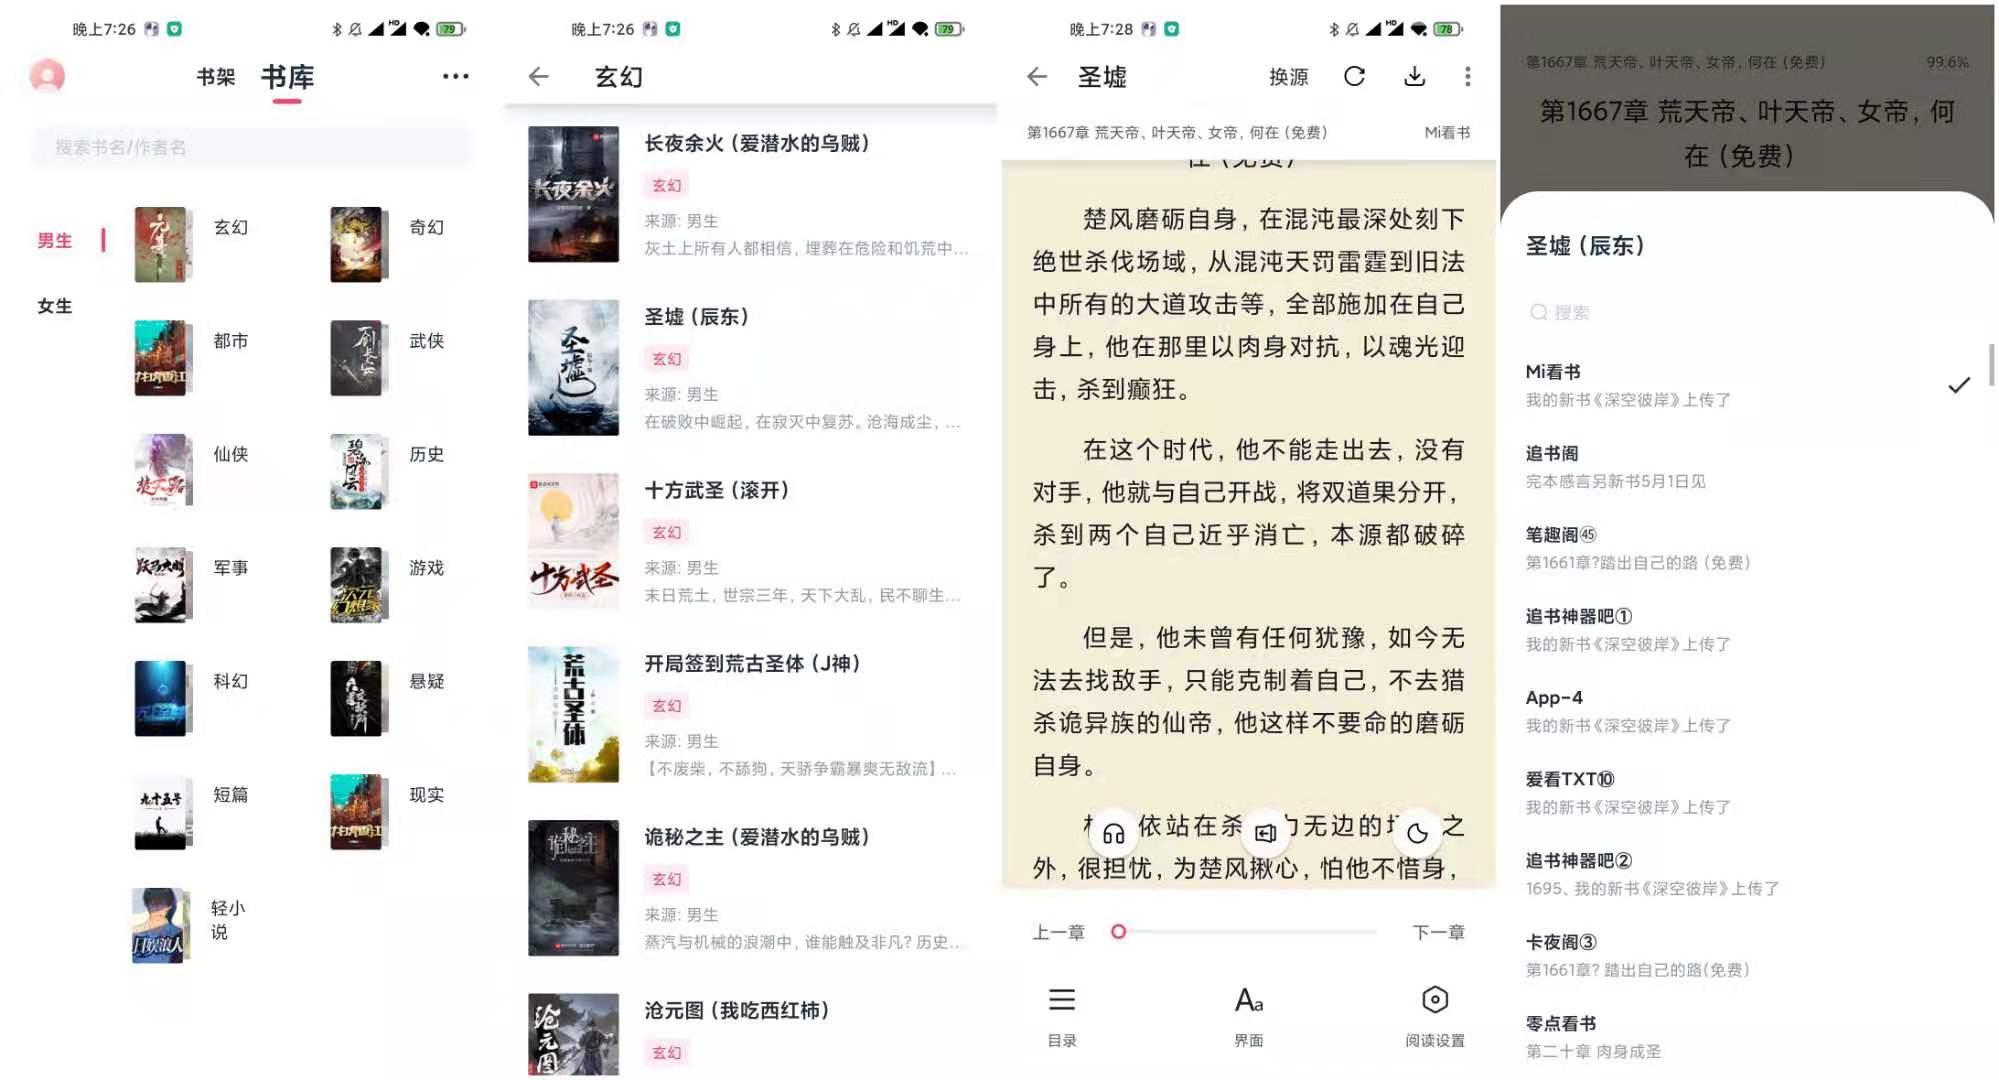 荔枝阅读 v1.4.2 免费小说阅读app